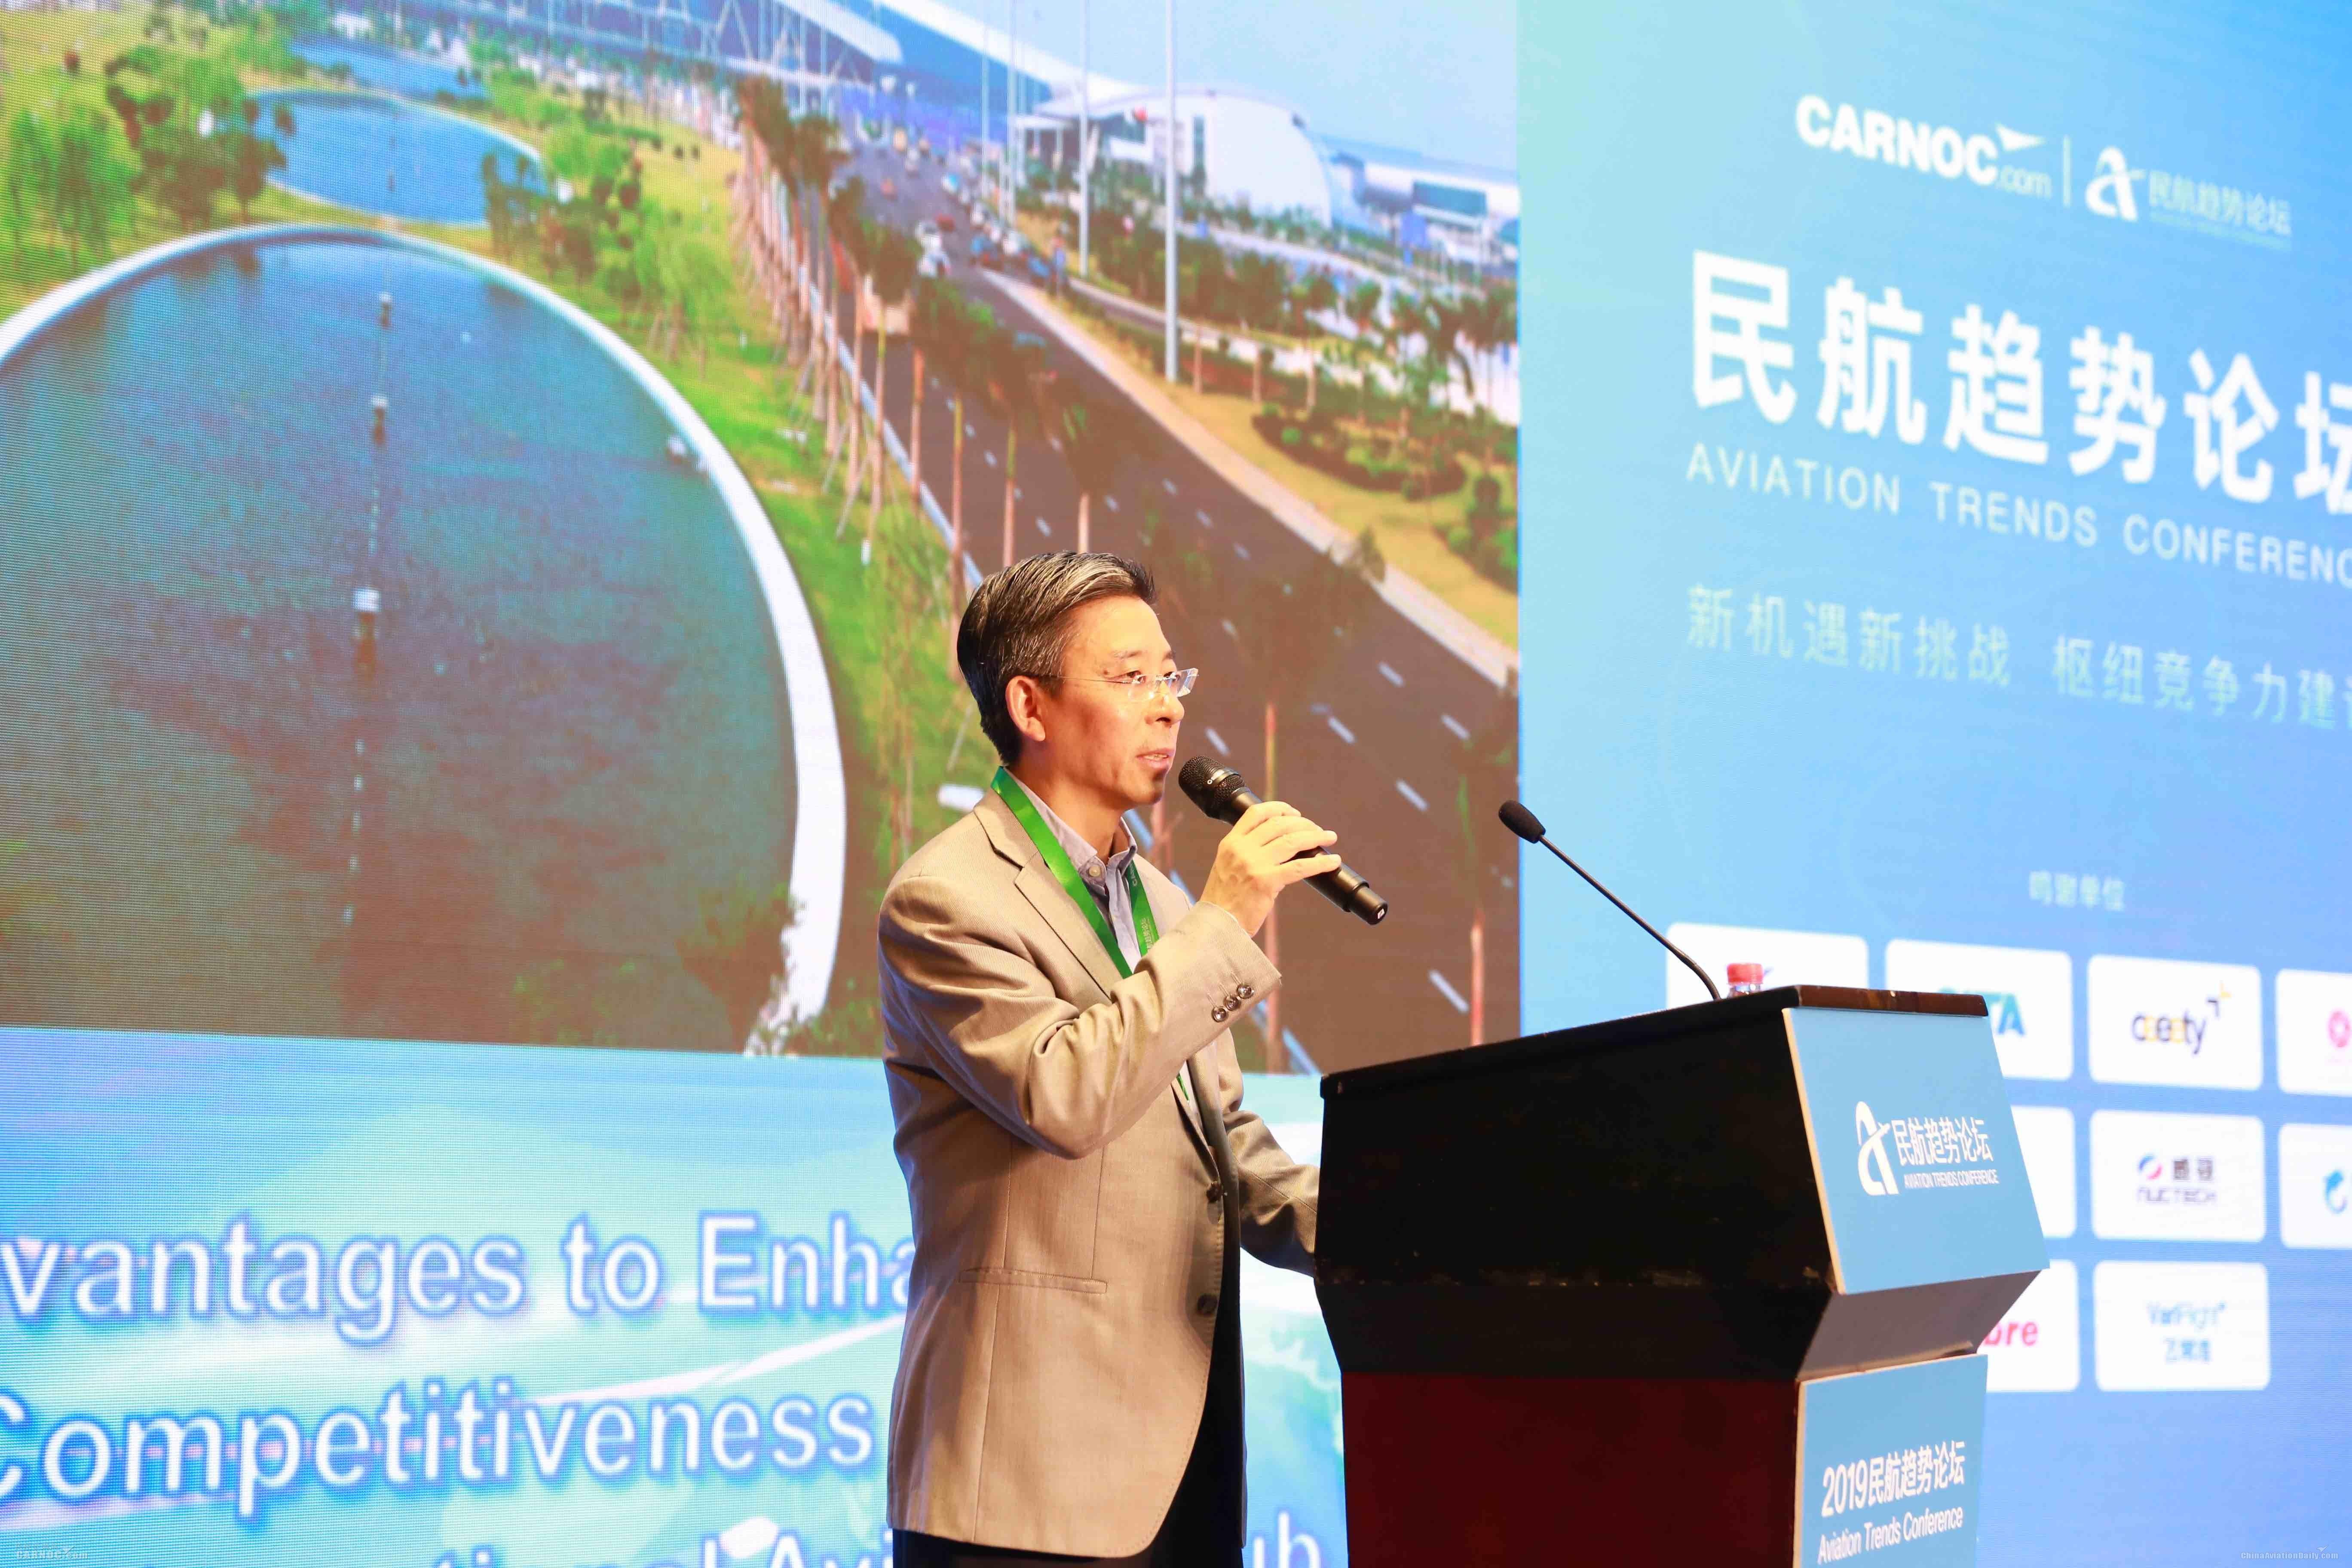 全面提升广州白云国际航空枢纽综合竞争力